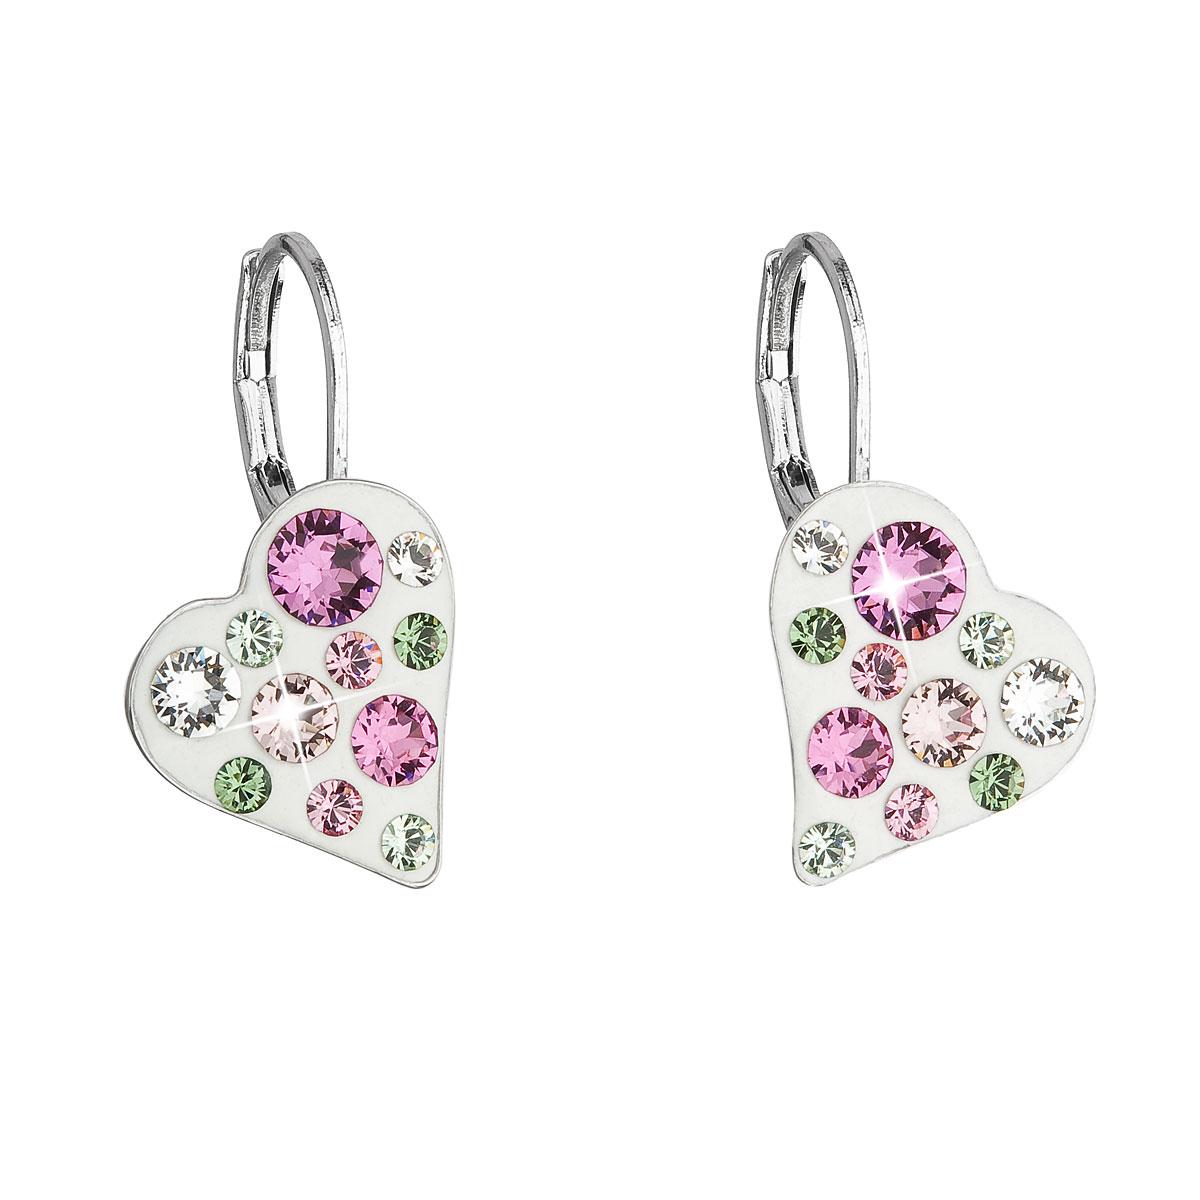 Náušnice bižutéria so Swarovski krištáľmi ružové srdce 51043.3 pink